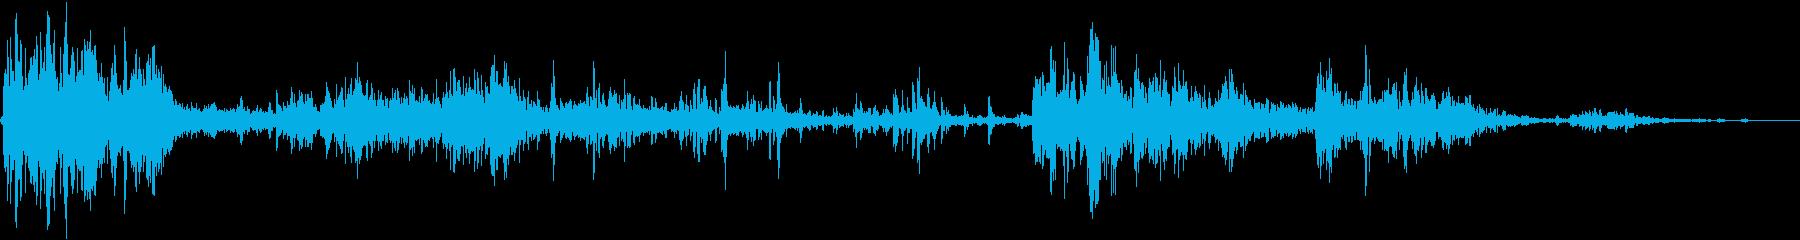 シングルサンダーストライク、ライトニングの再生済みの波形